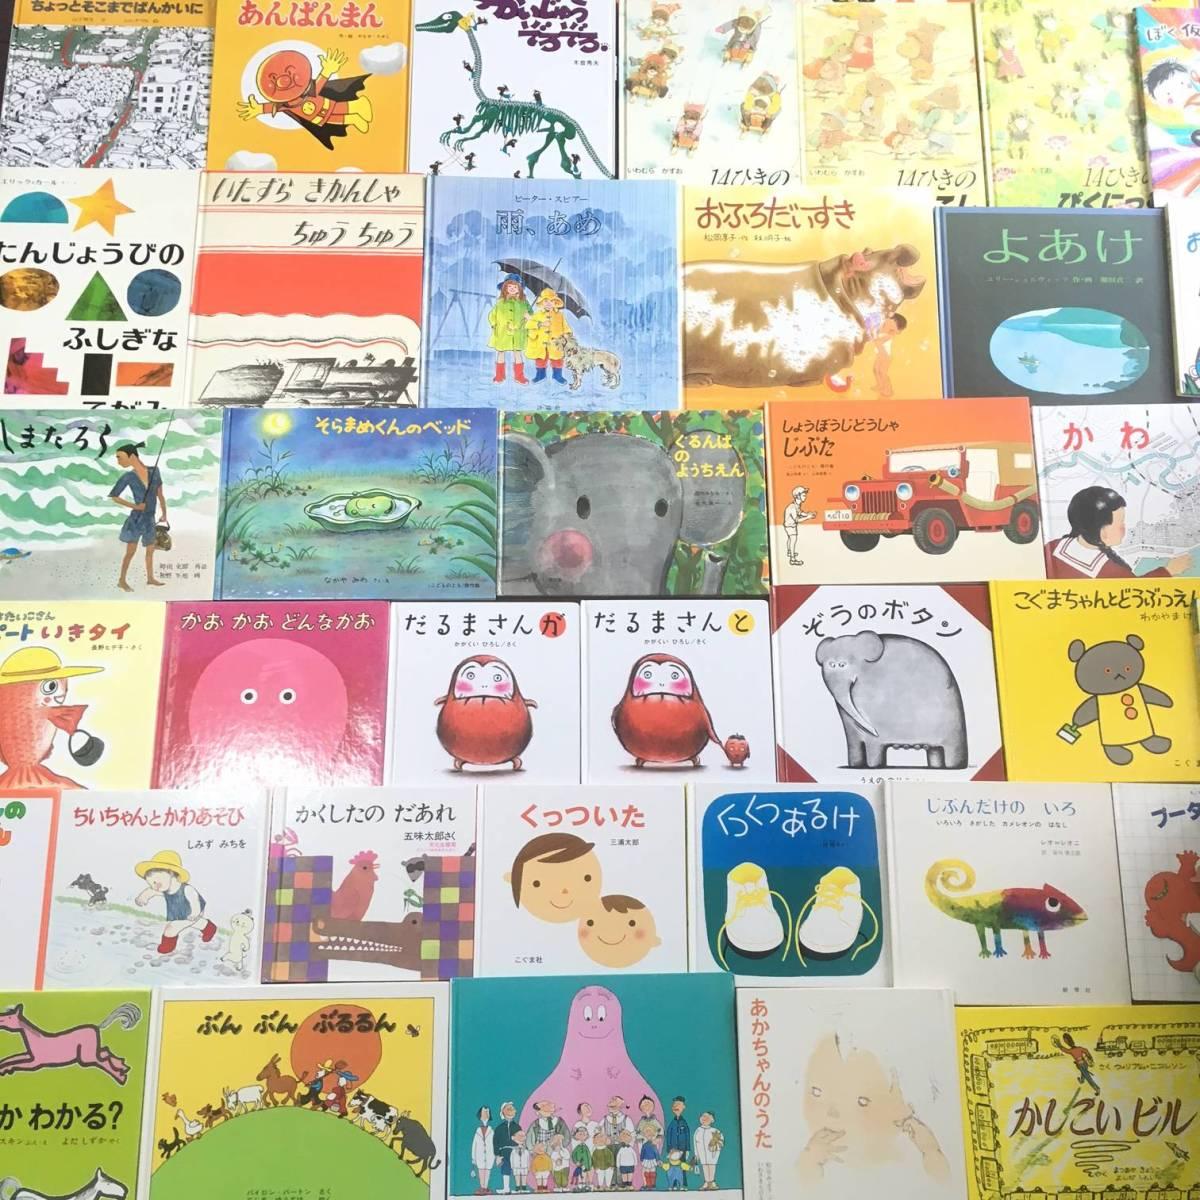 ◆◇人気絵本まとめて50冊セット厳選♪絵本のガーデンブックス◇◆